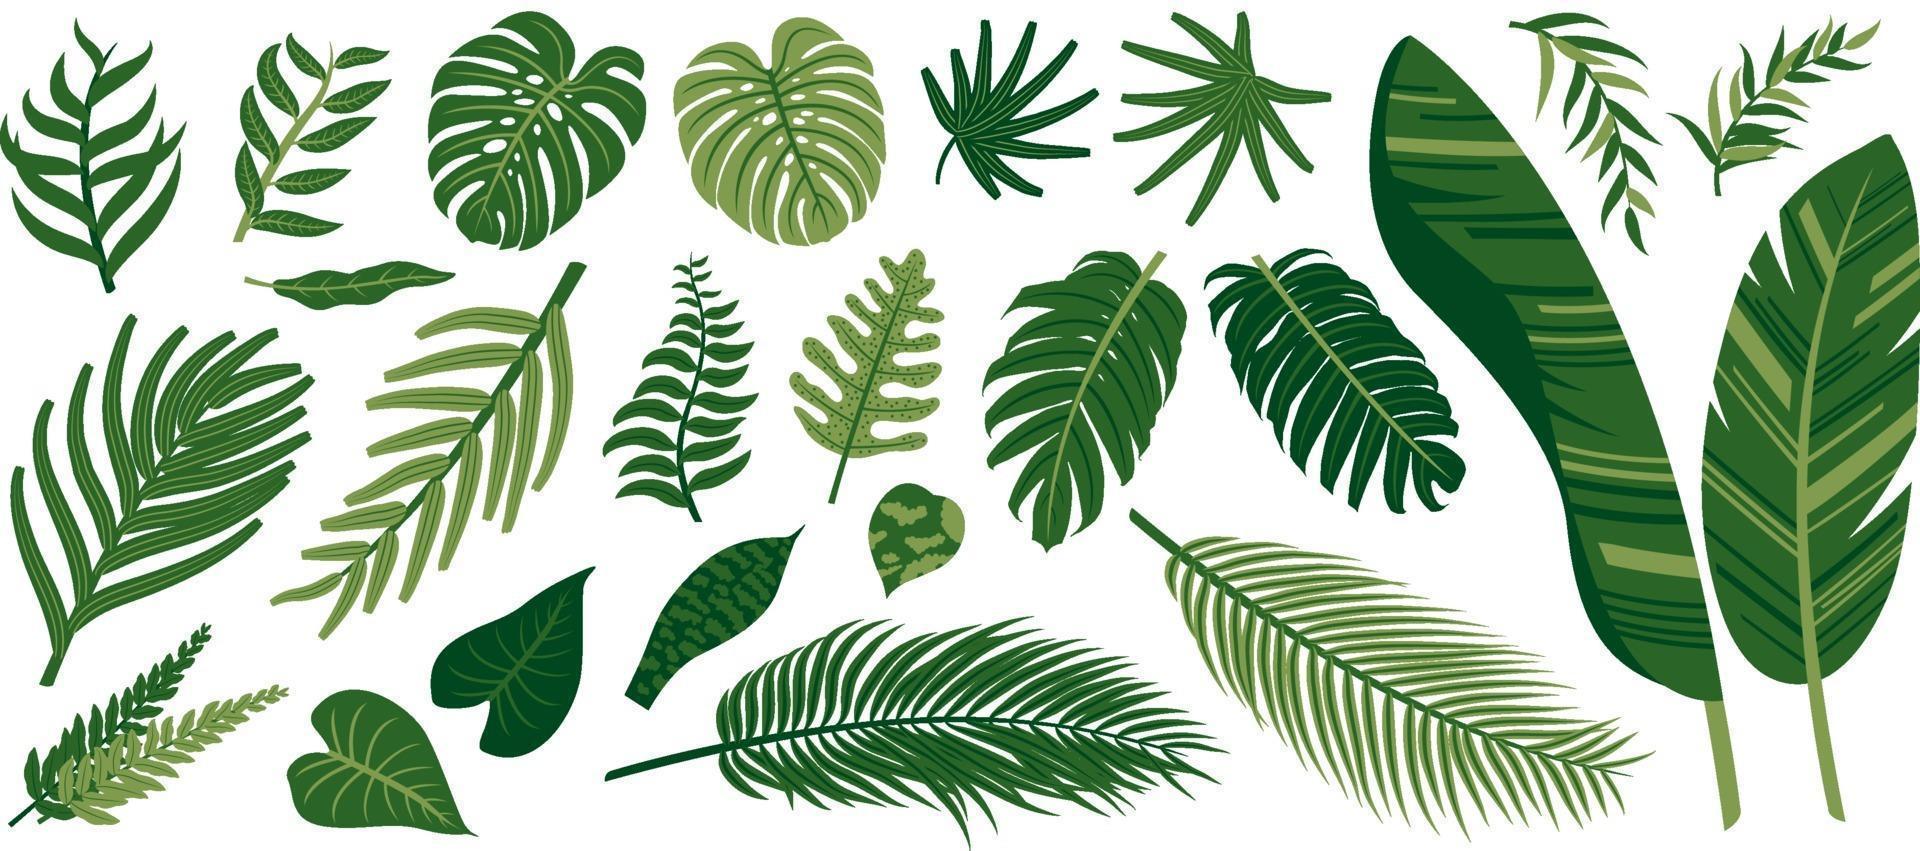 hojas tropicales sobre fondo blanco ilustración vectorial vector